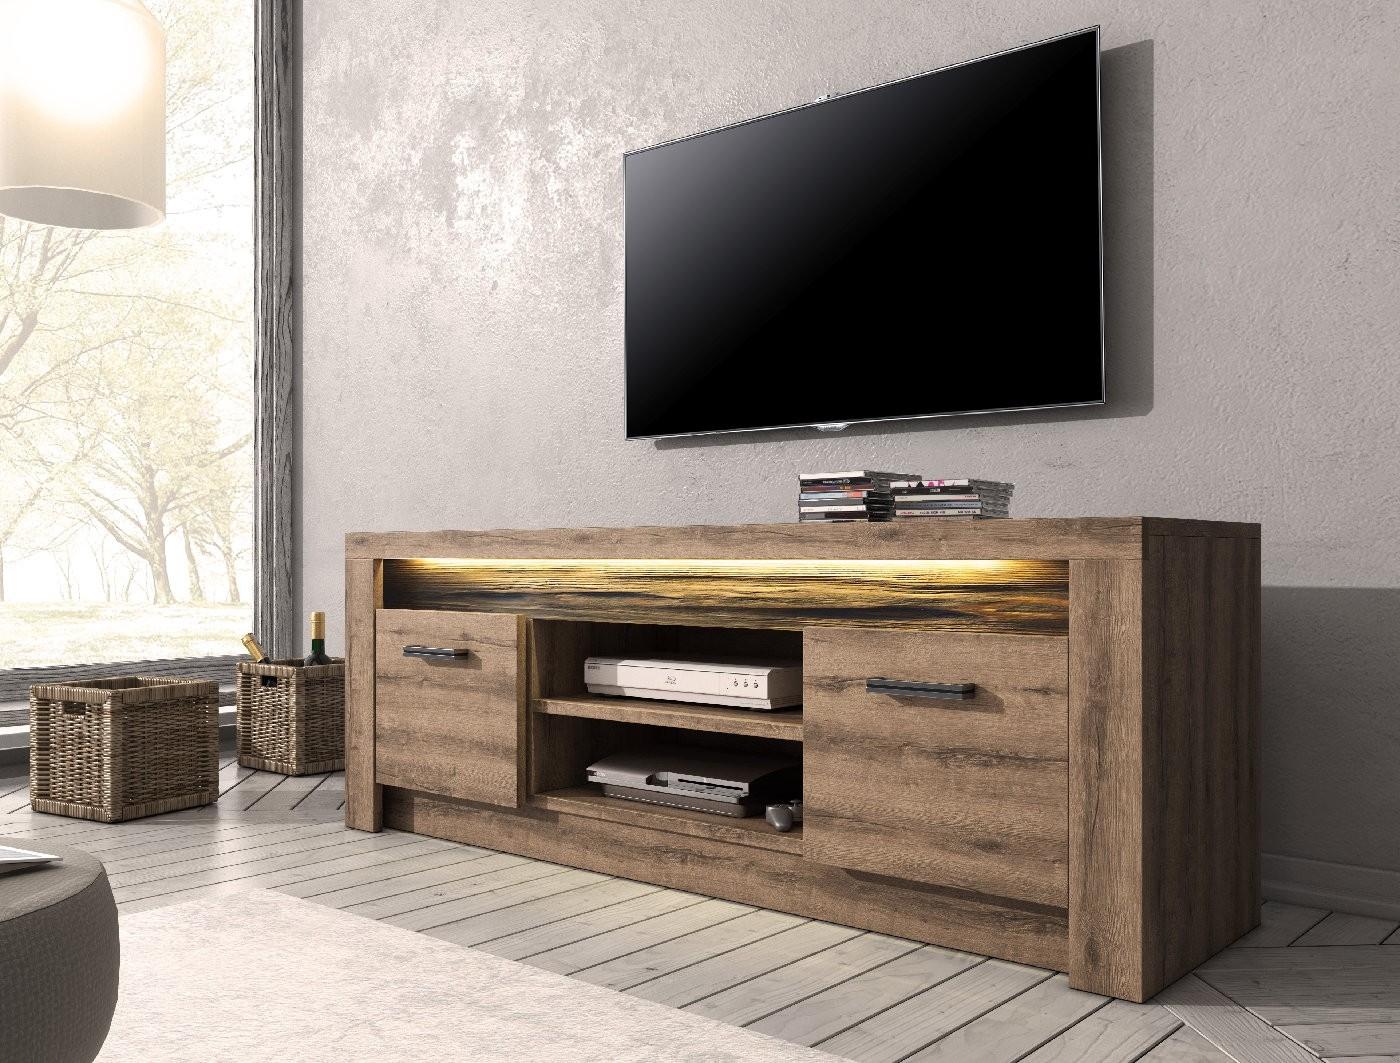 tv meubel invido eiken 137 cm met led verlichting